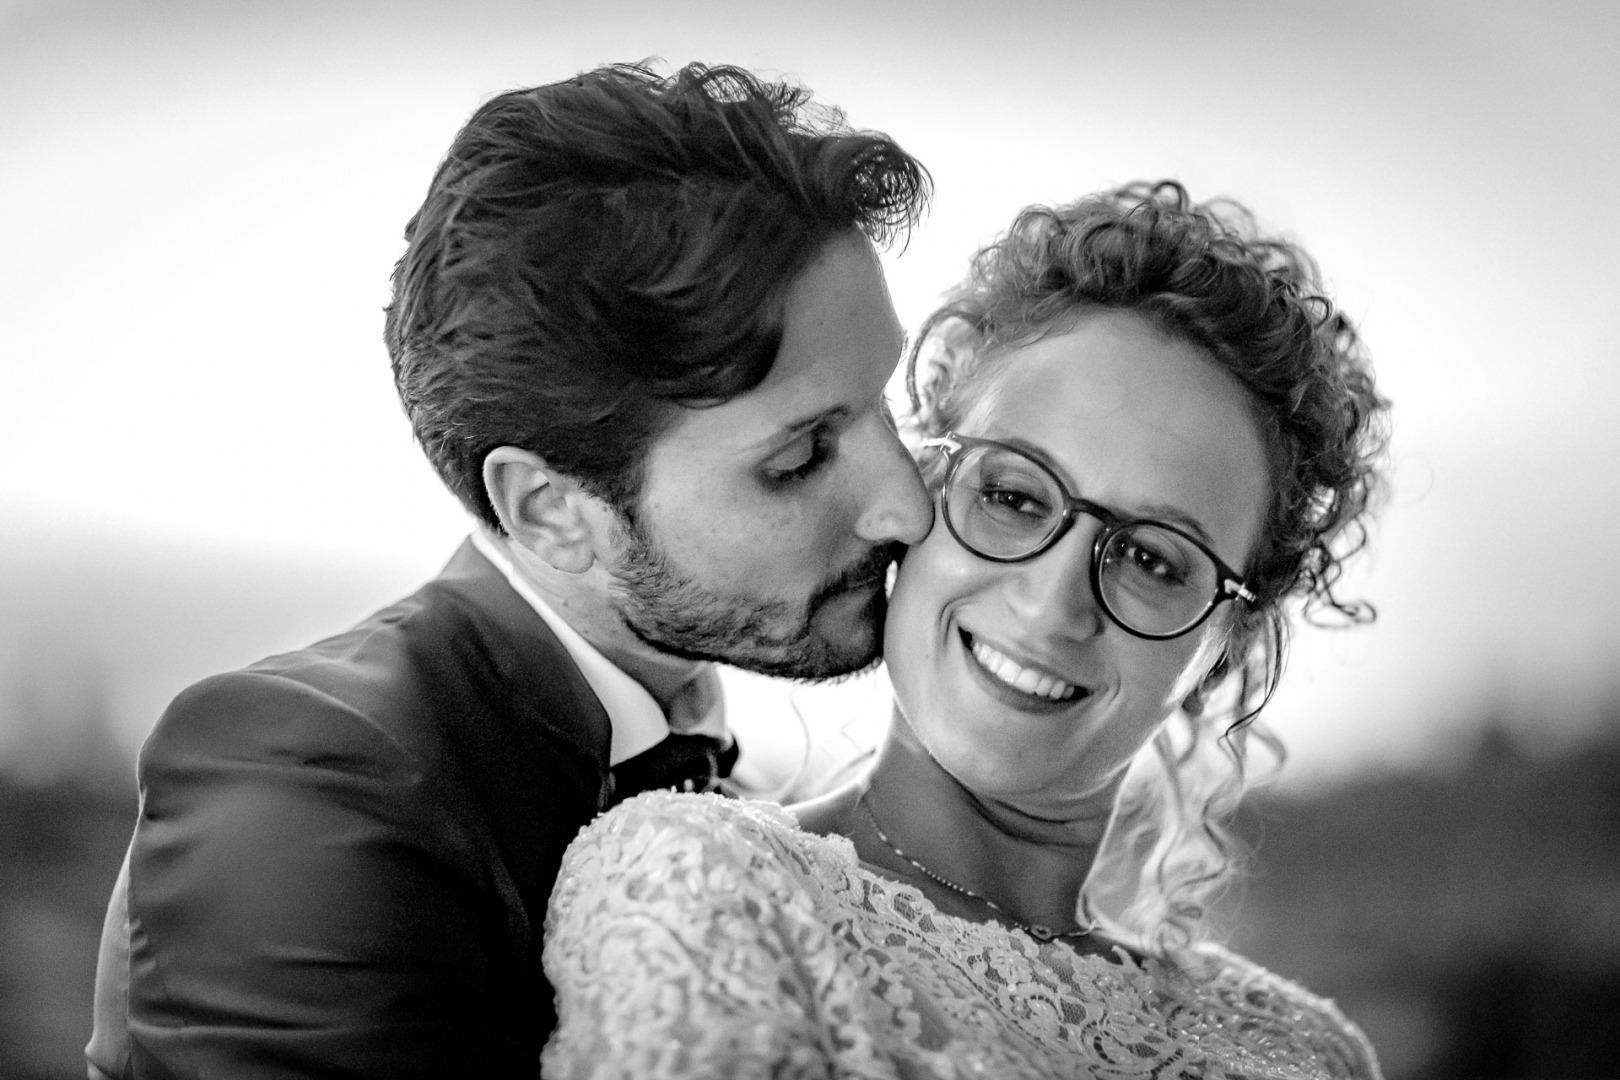 nicola-da-lio-wedding-photographer-venezia-treviso-padova-veneto-italia-157